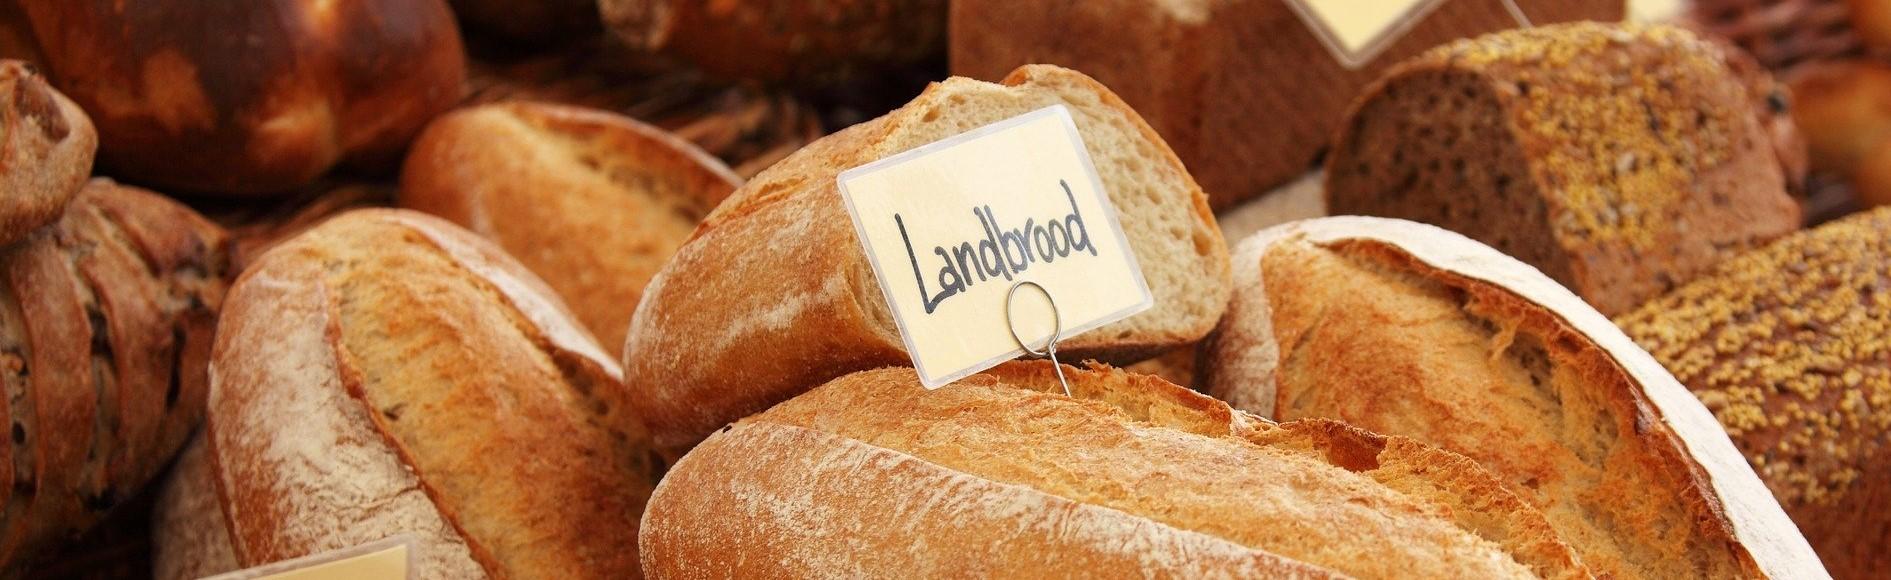 Brot-und-BroettchenSU825Trud1Qpb